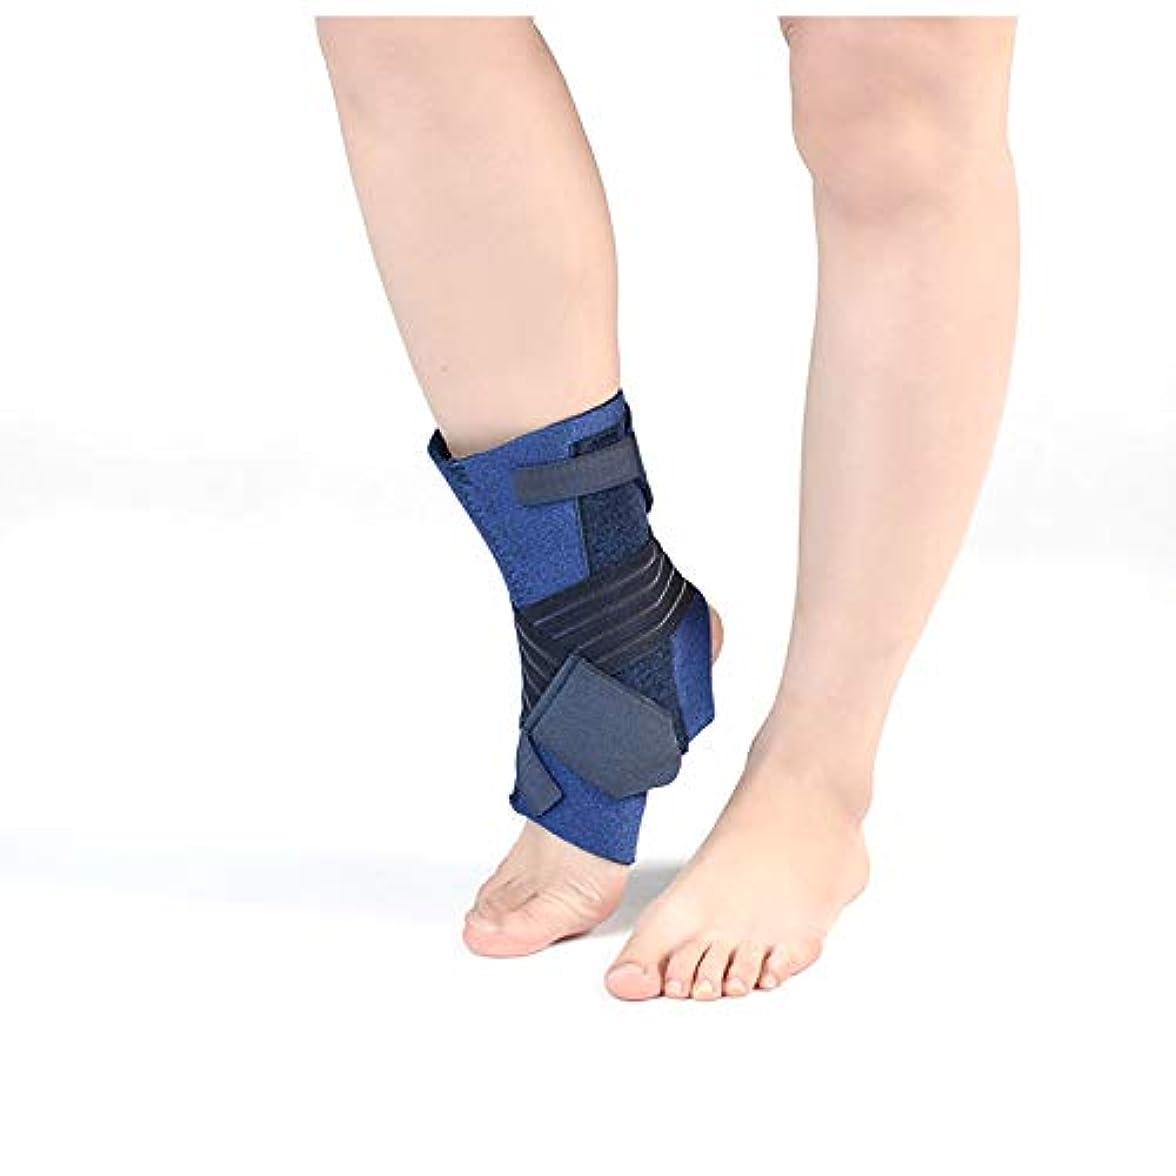 音声誇張ワーム足首サポート、男性/女性用の調節可能なベルクロ足首ブレース、スポーツ用足首ラップ、捻rain、靭帯損傷、アキレス腱、関節炎,S